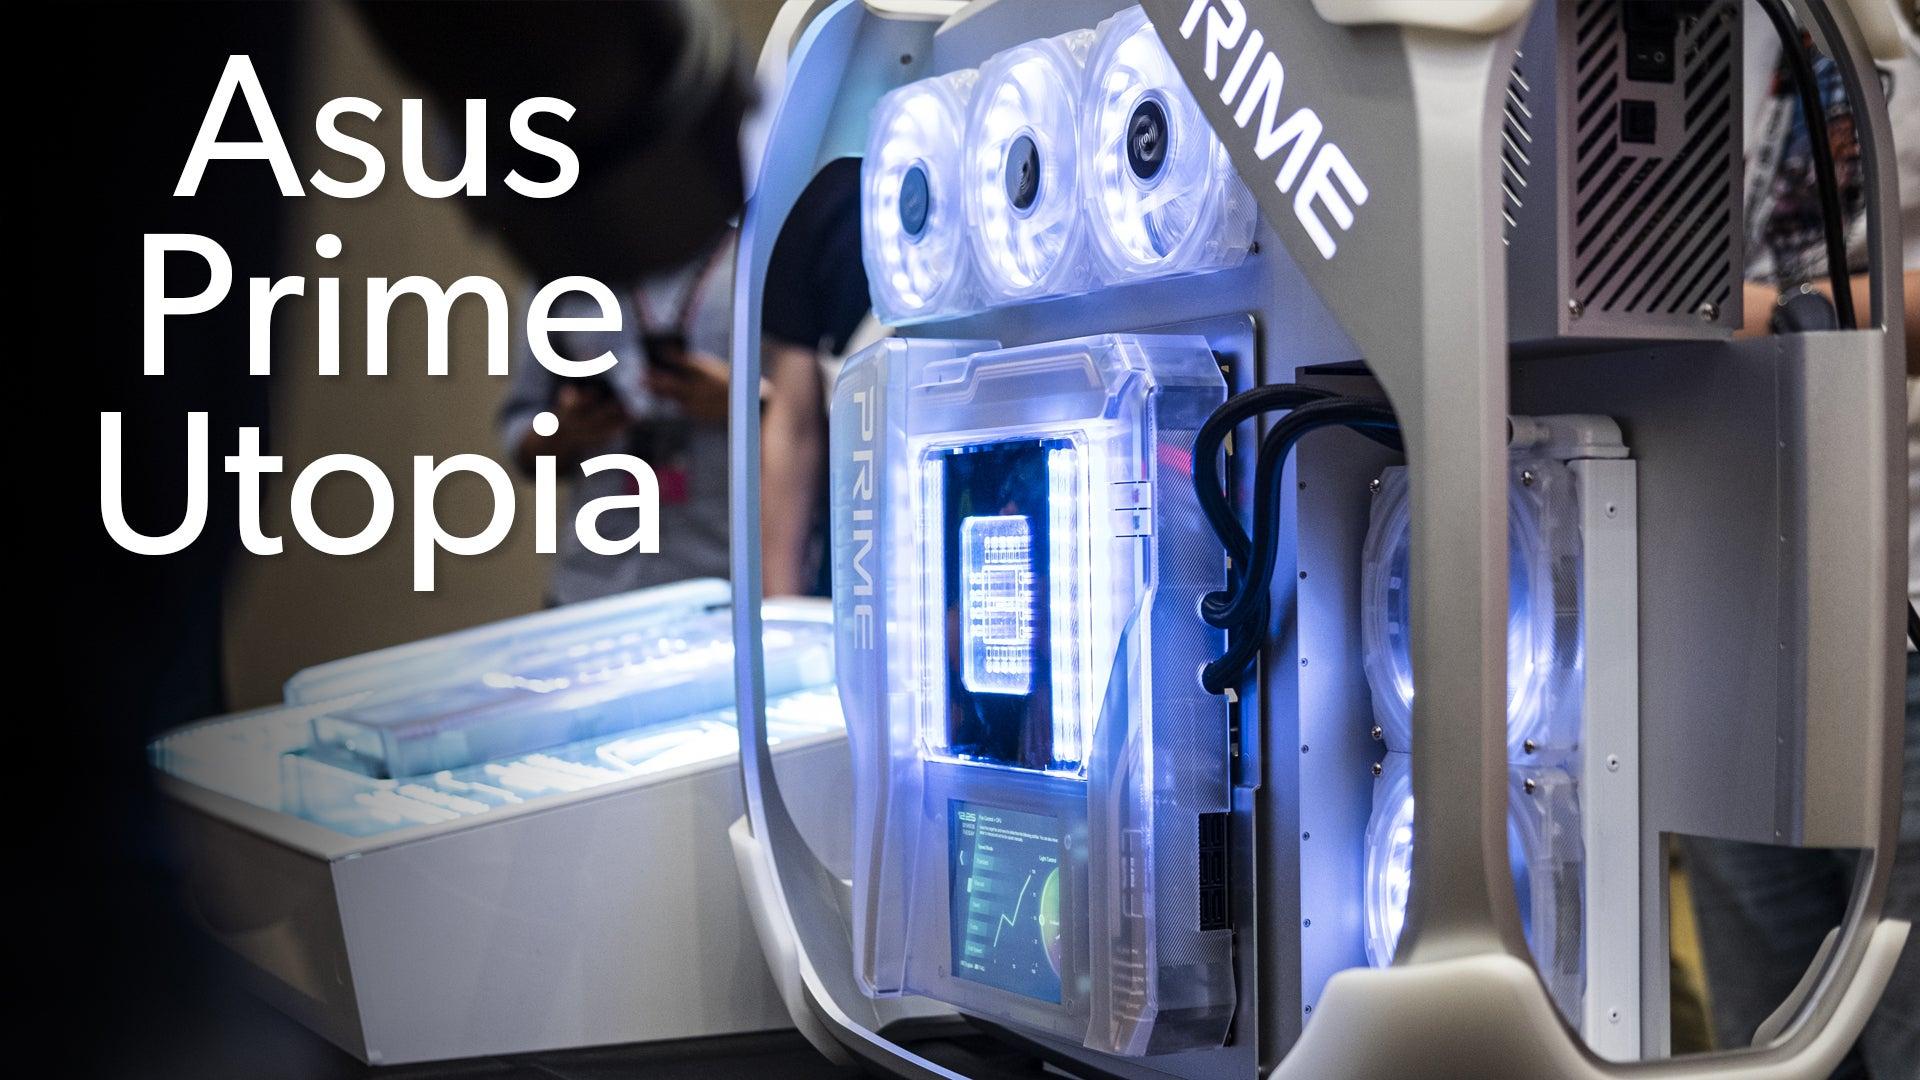 Asus Prime Utopia